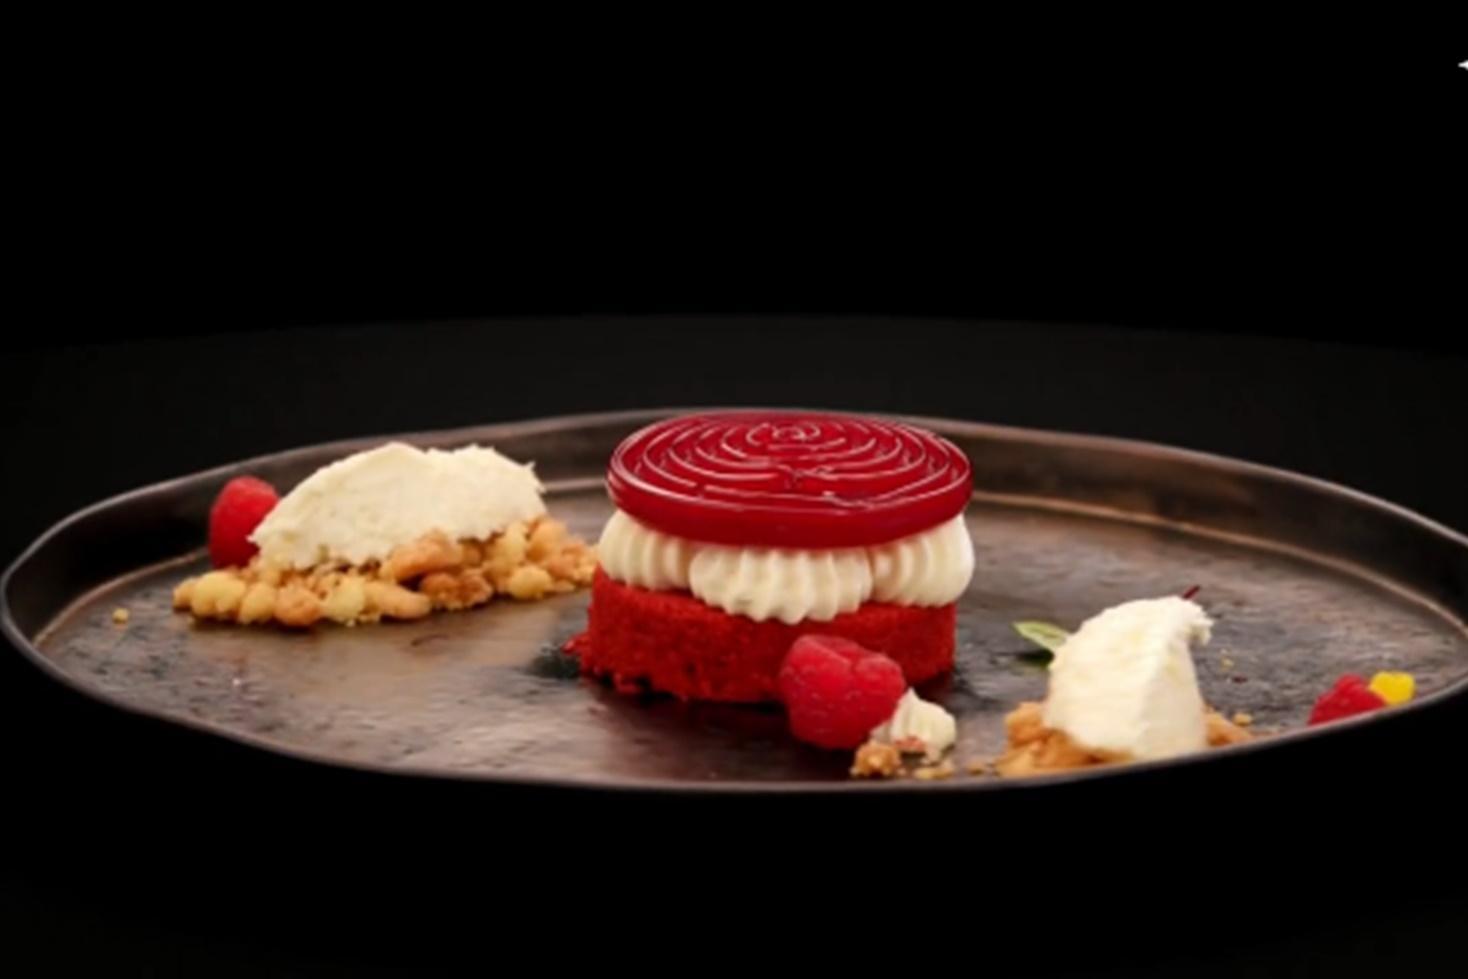 Chefi la cuțite, 14 martie 2021. Rețeta Red velvet cu mousse de ciocolată albă, cocos și zmeură, preparată de Daniela Vieriu